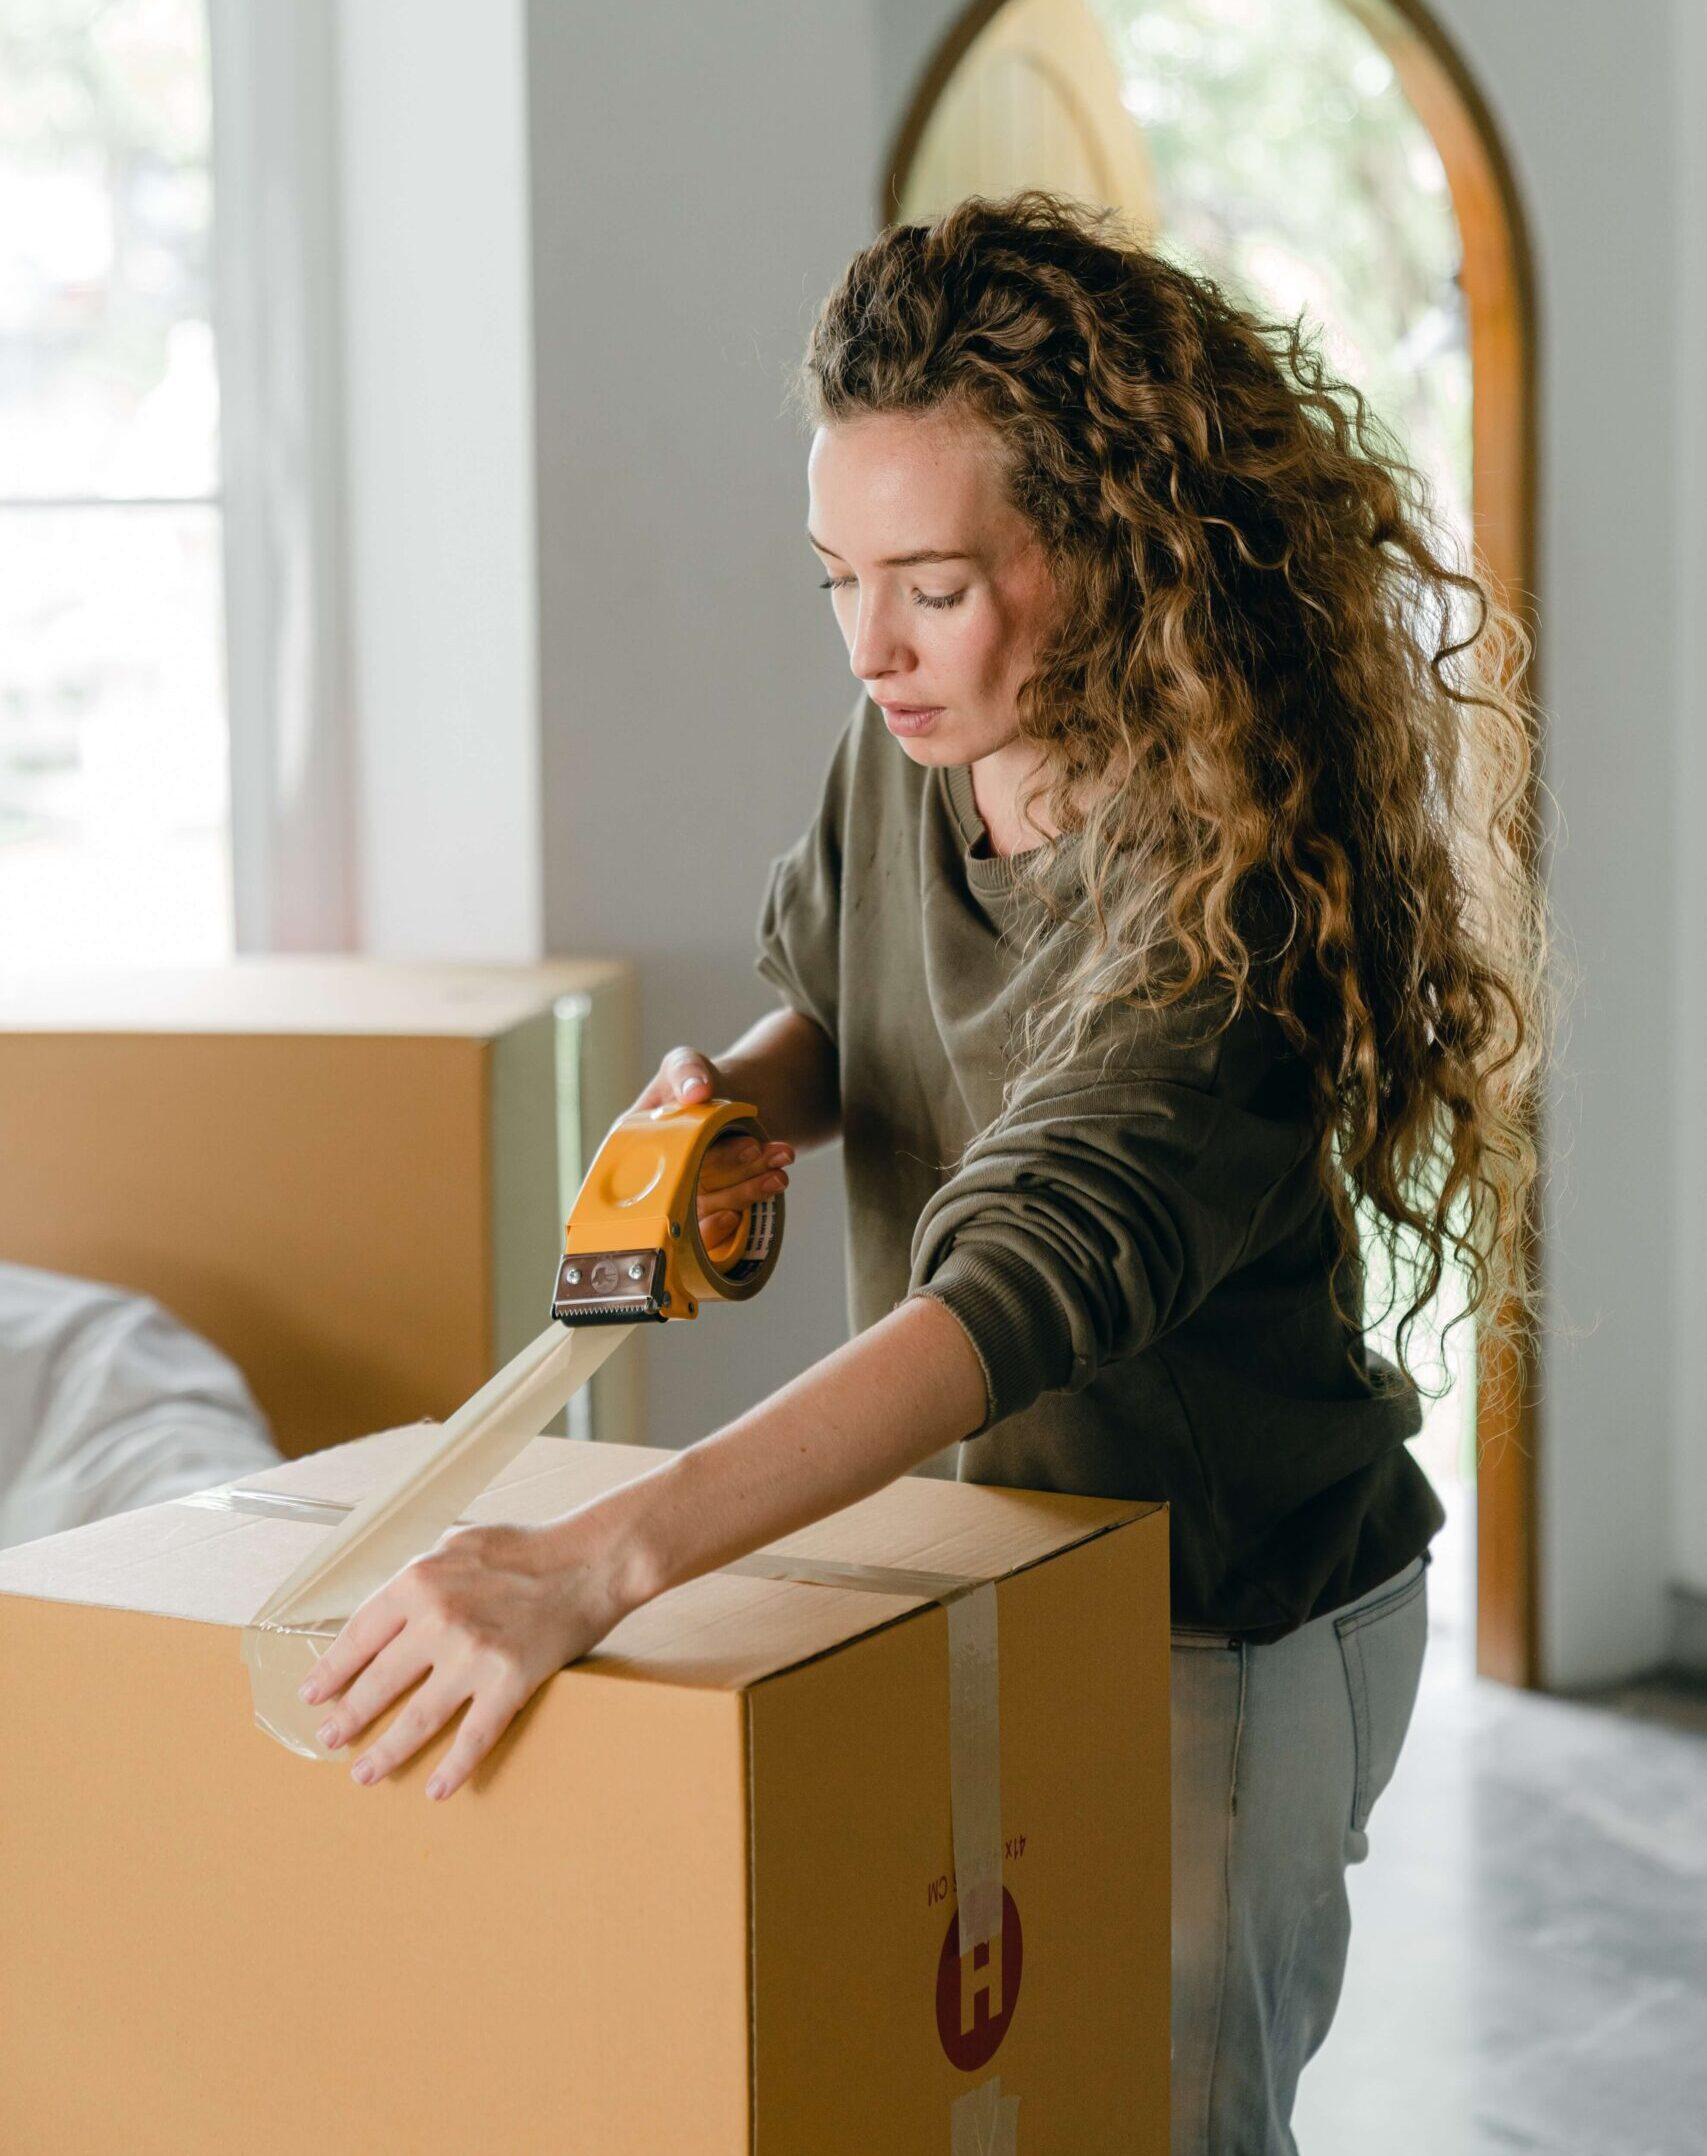 moving house storage unit